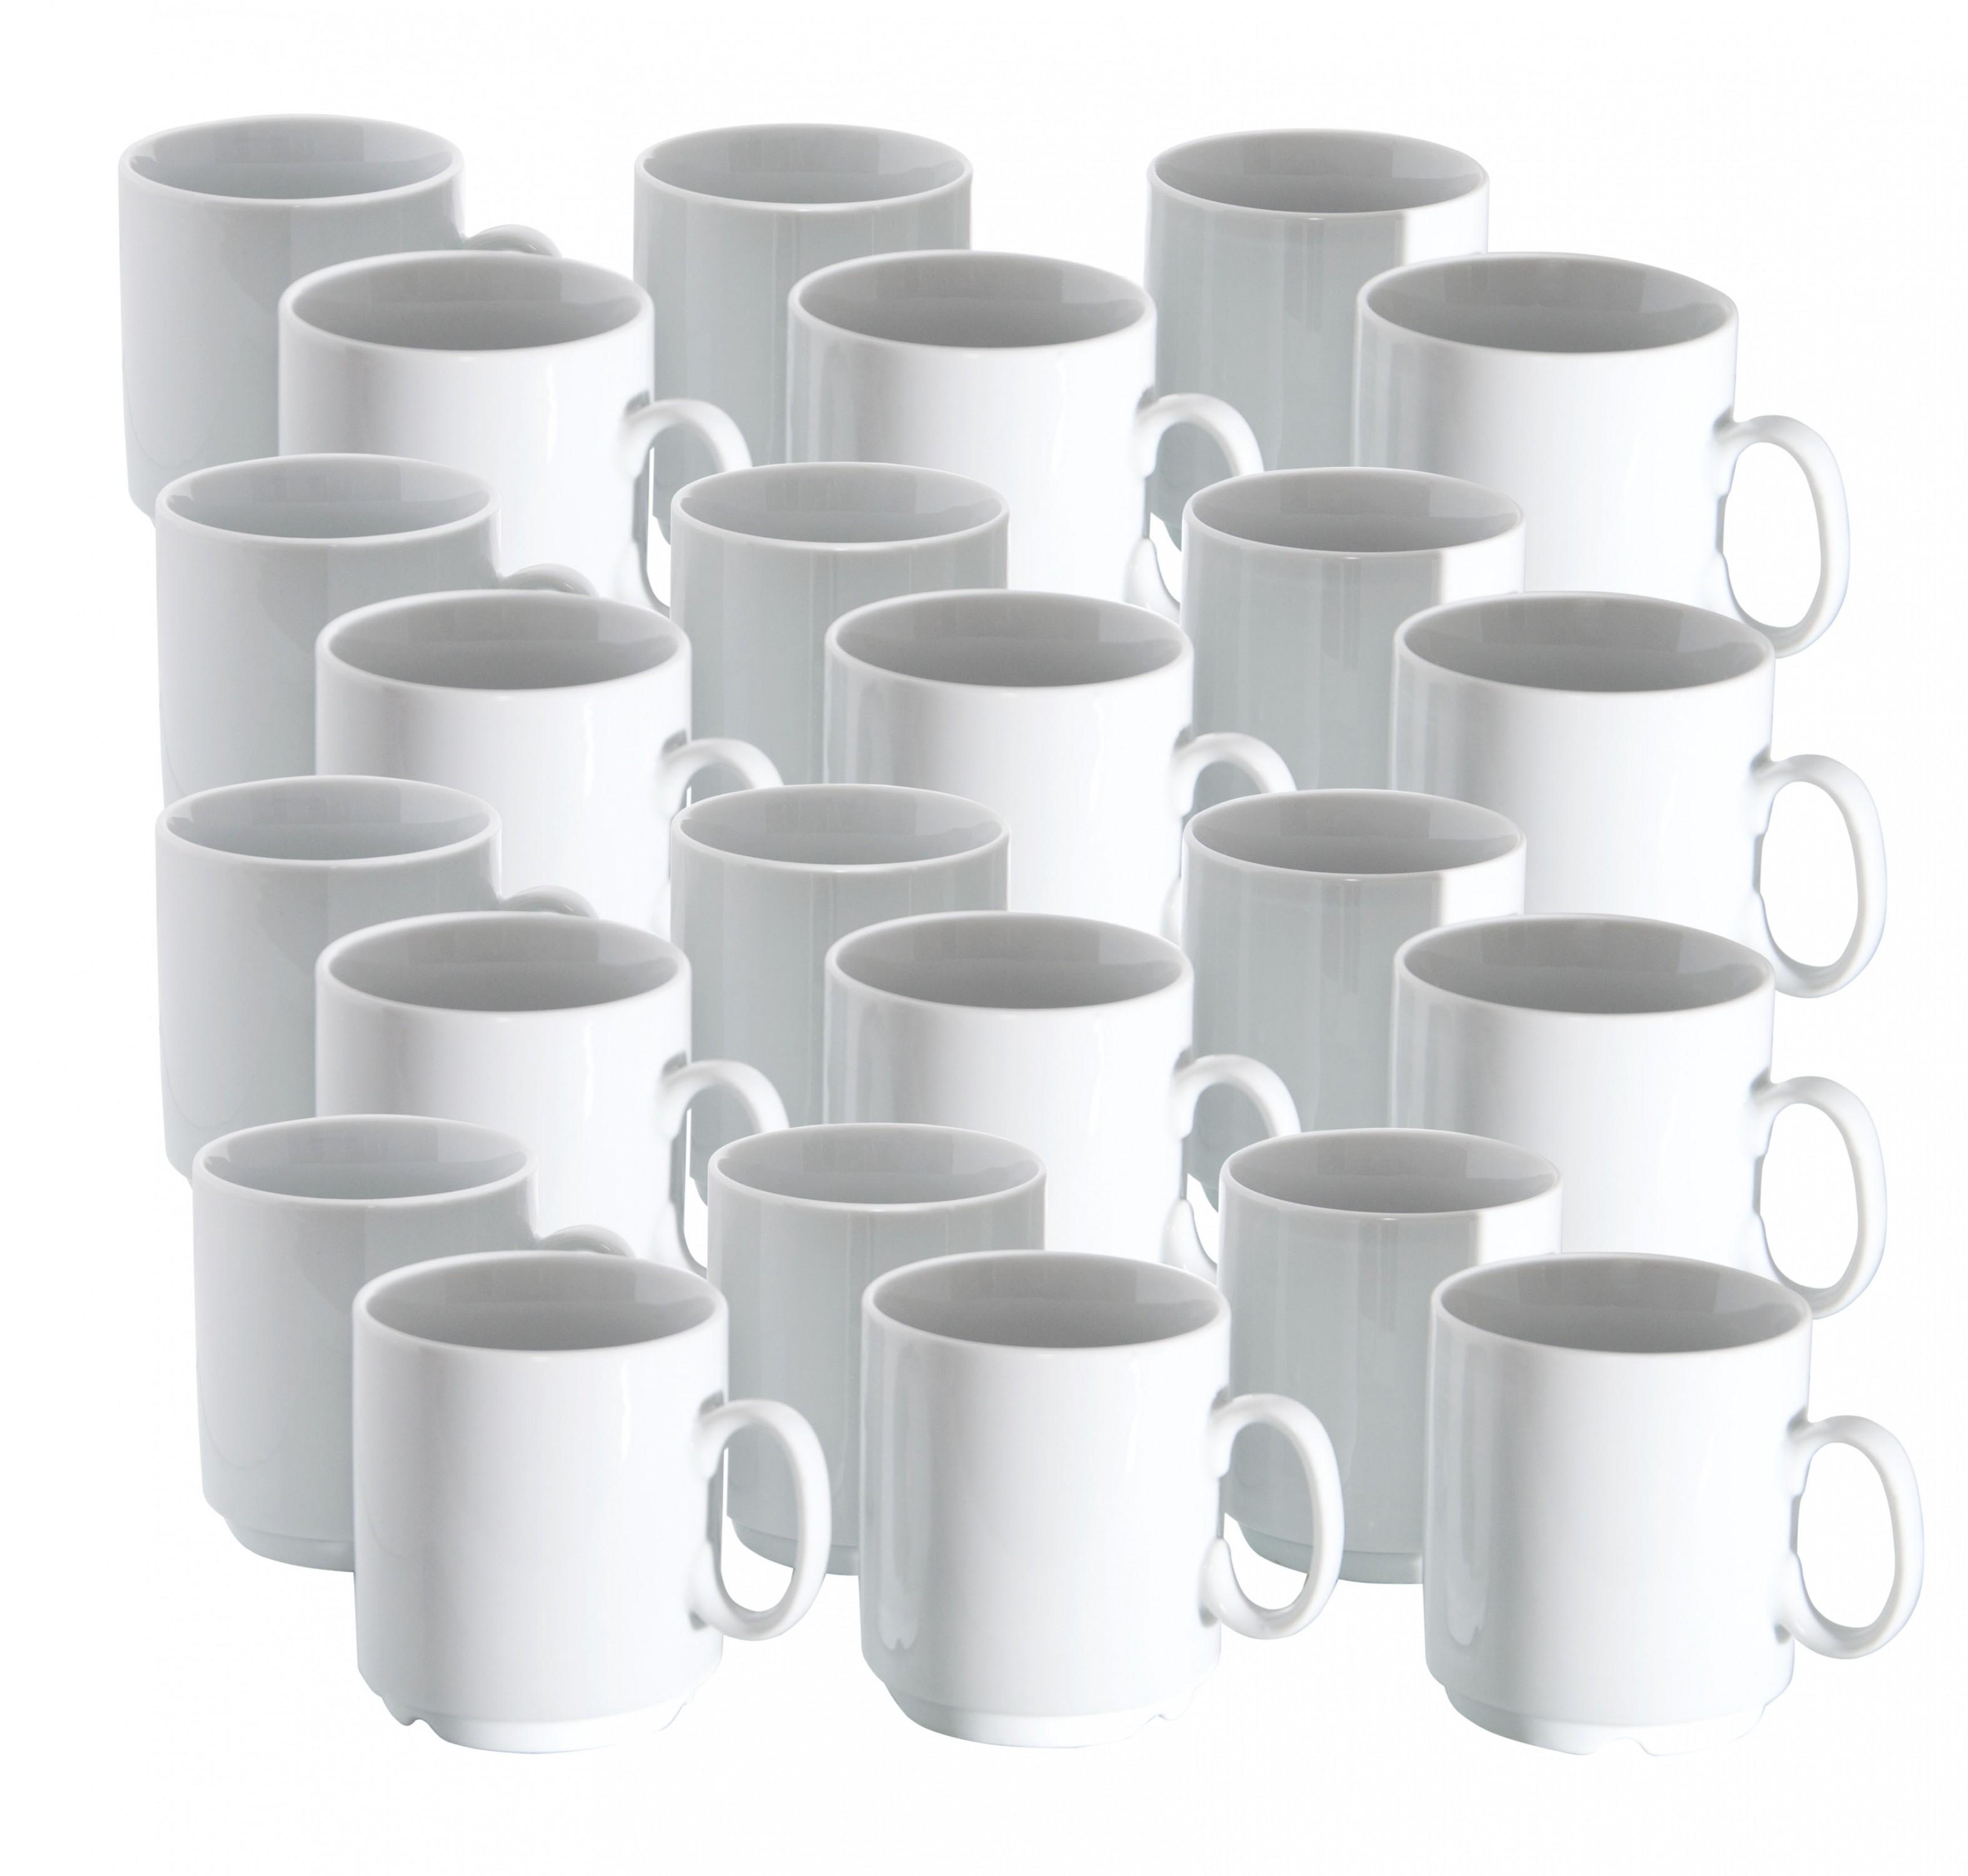 24er set porzellan kaffeebecher profi 280ml wei stapelbar becher tasse pott ebay. Black Bedroom Furniture Sets. Home Design Ideas